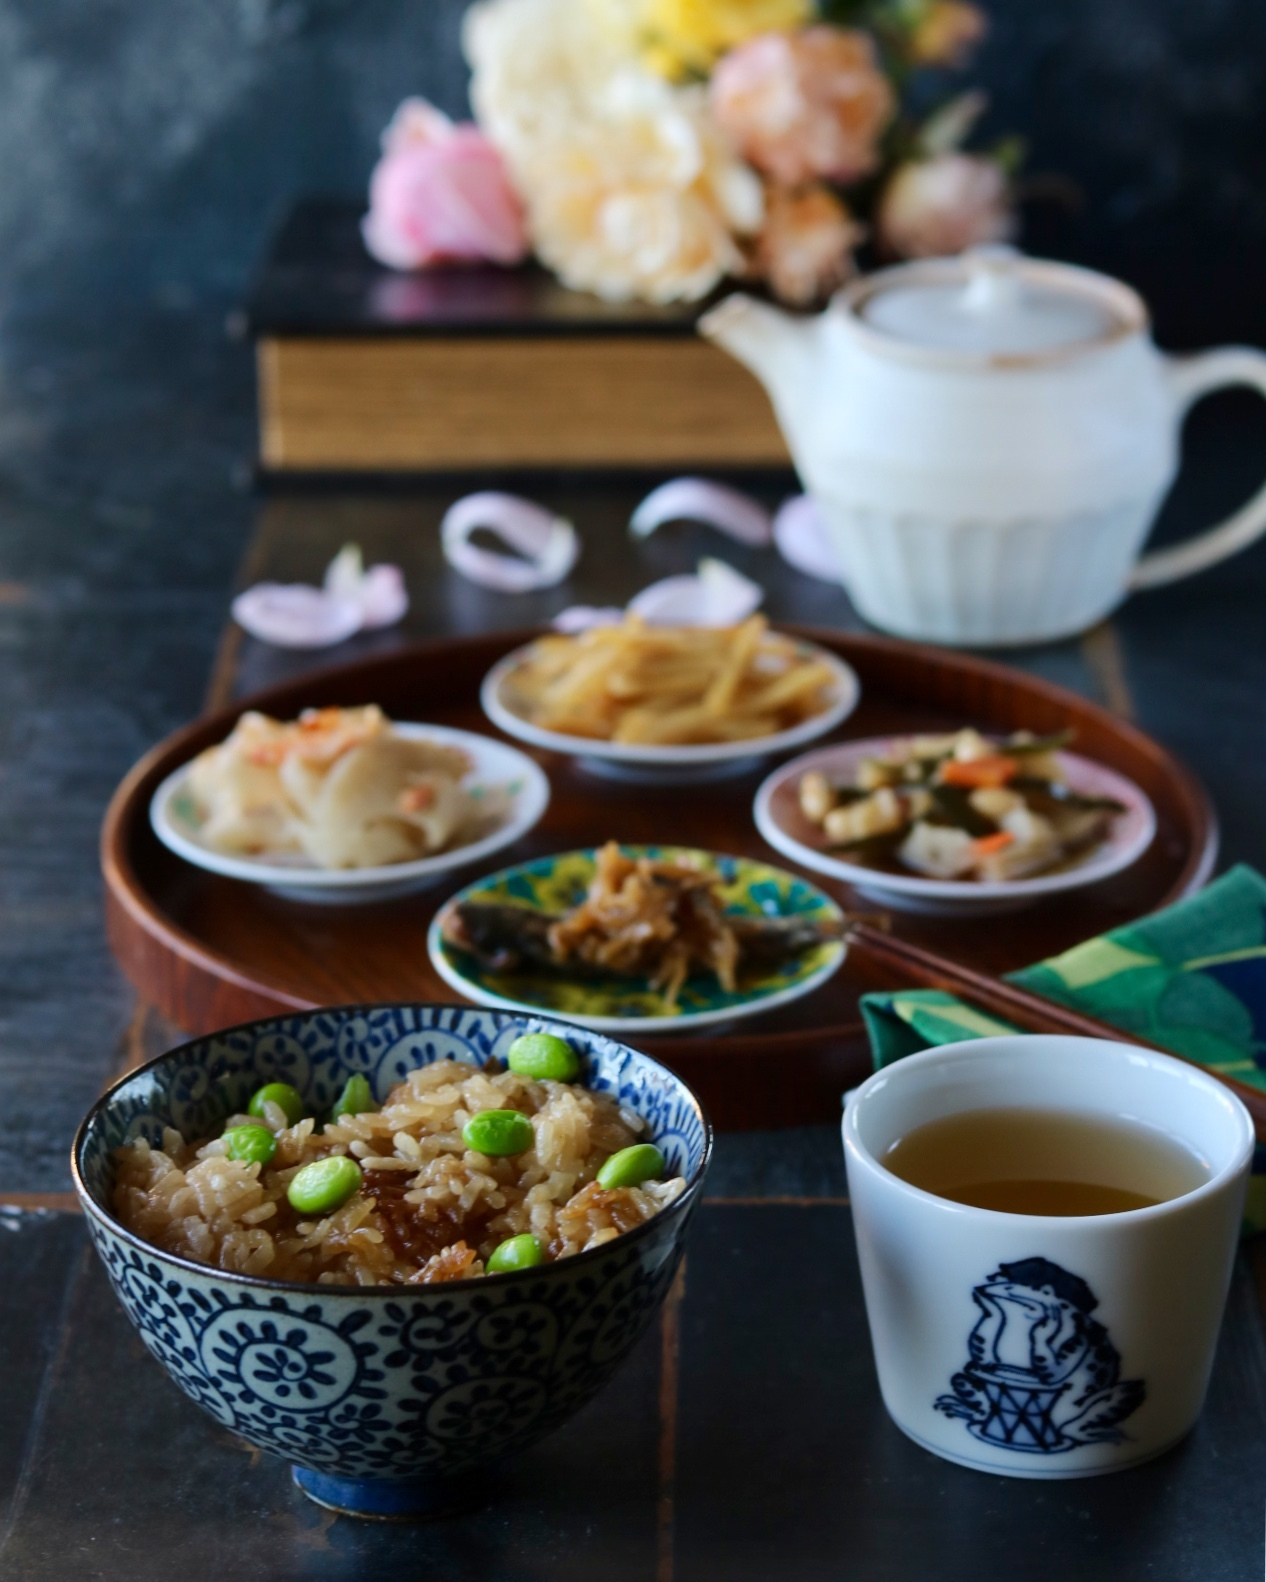 和食の朝ごはん_c0366722_08485204.jpeg